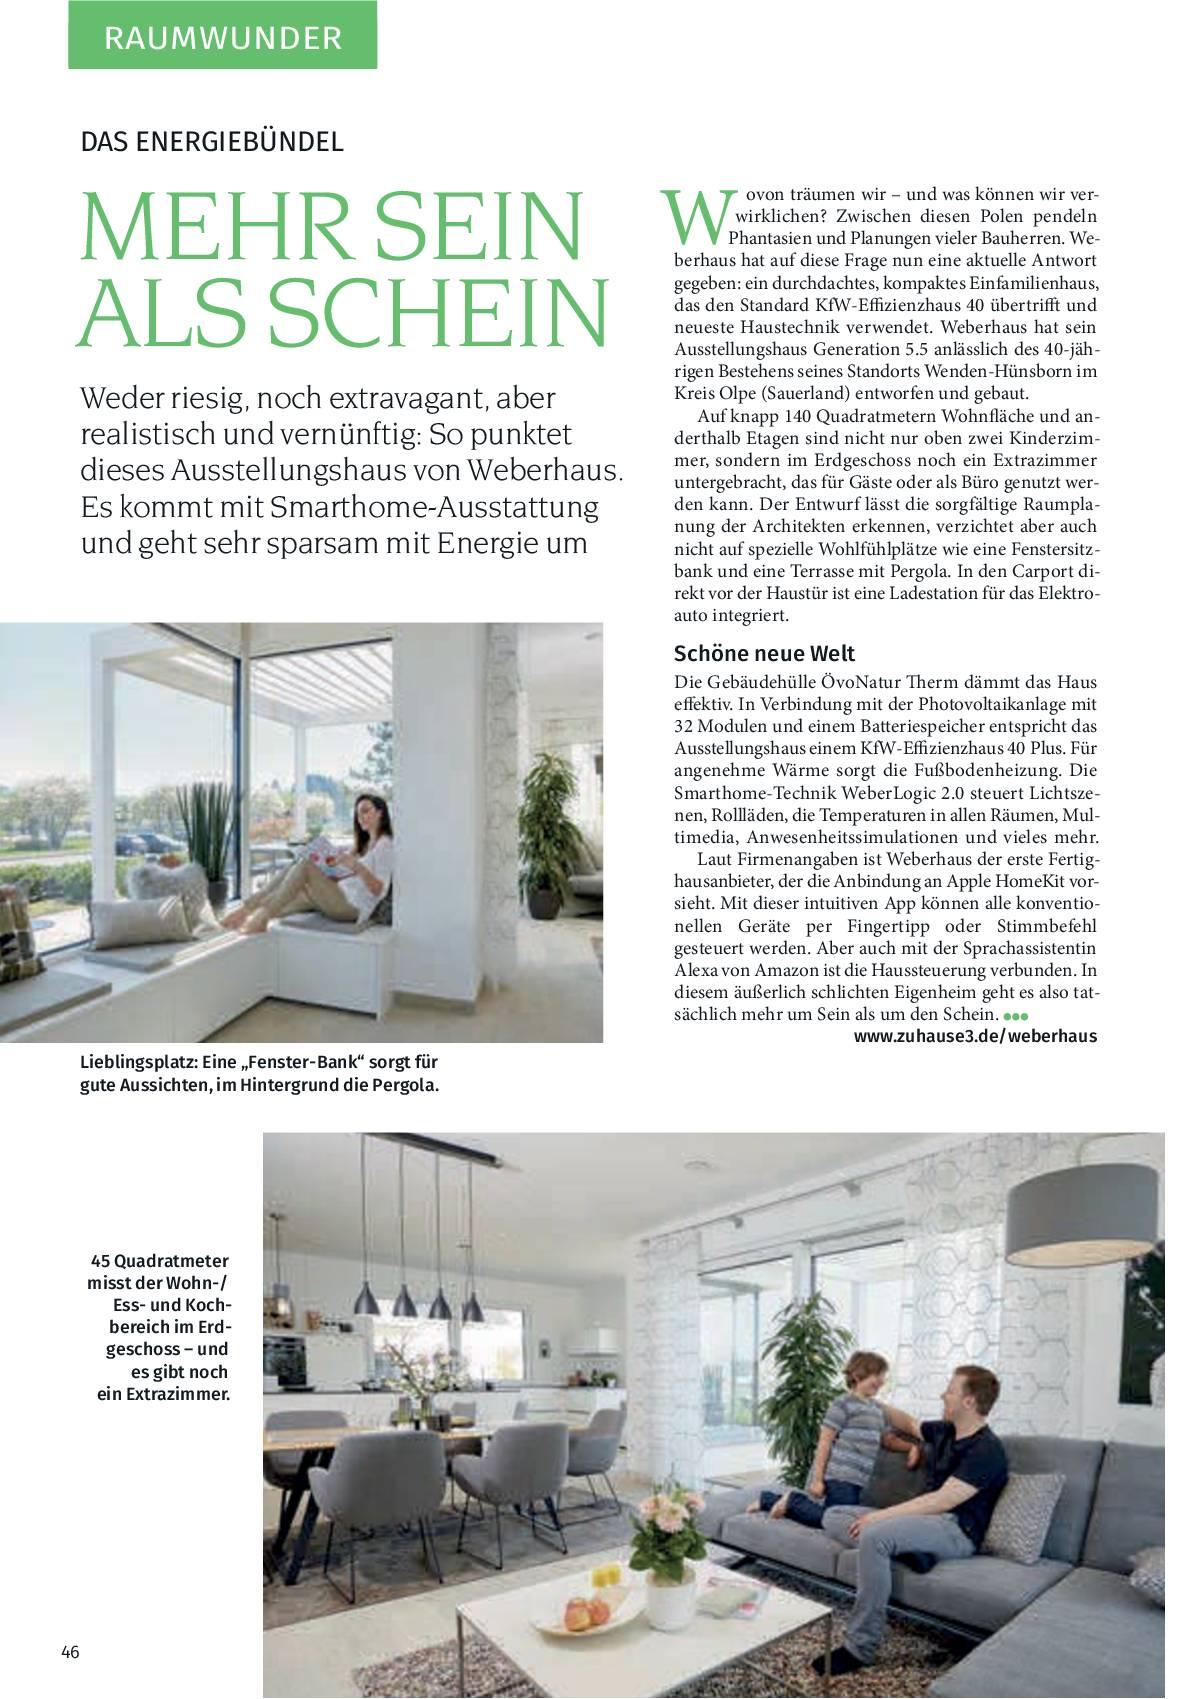 Das dicke deutsche Hausbuch 2019